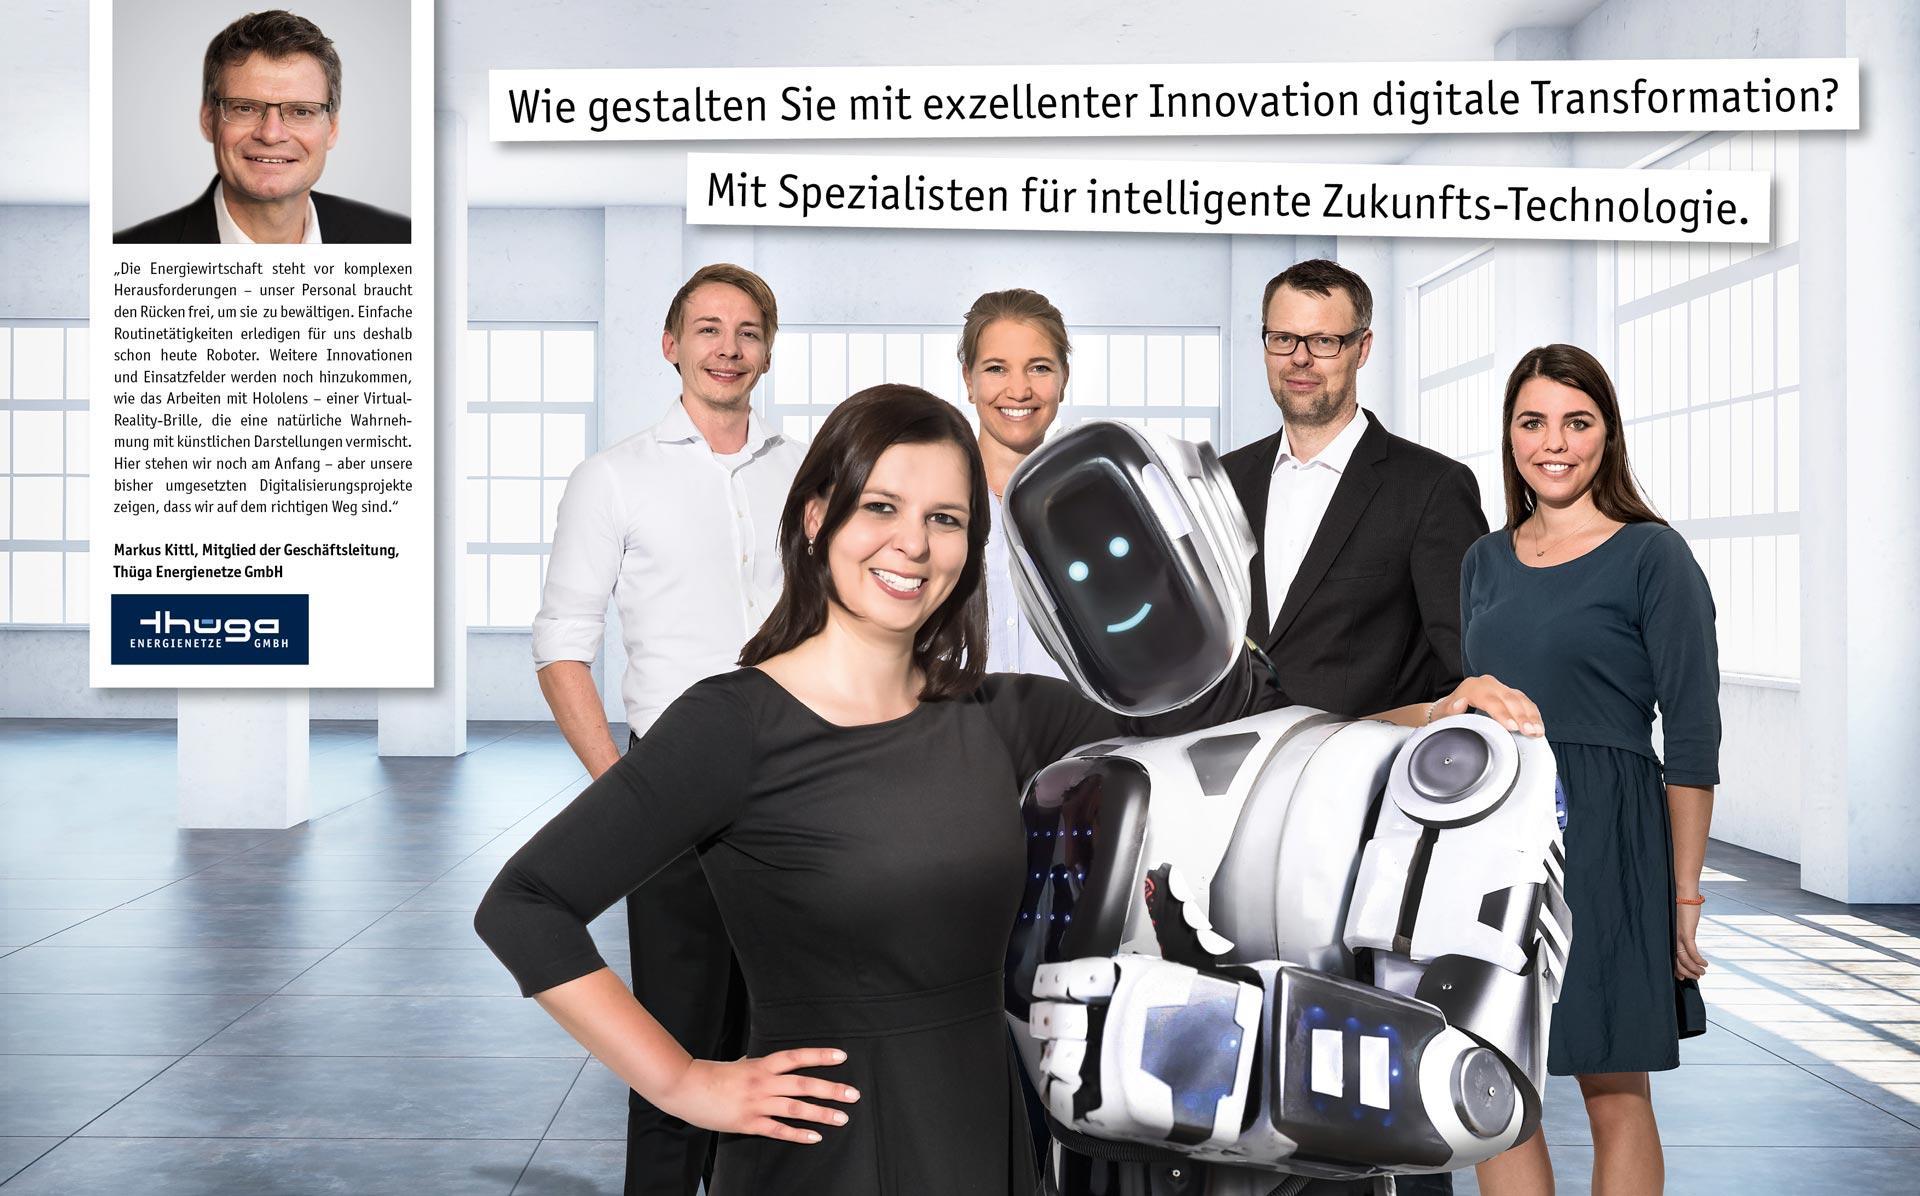 Wie gestalten Sie mit exzellenter Innovation digitale Transformation? Mit Spezialisten für intelligente Zukunfts-Technologie.